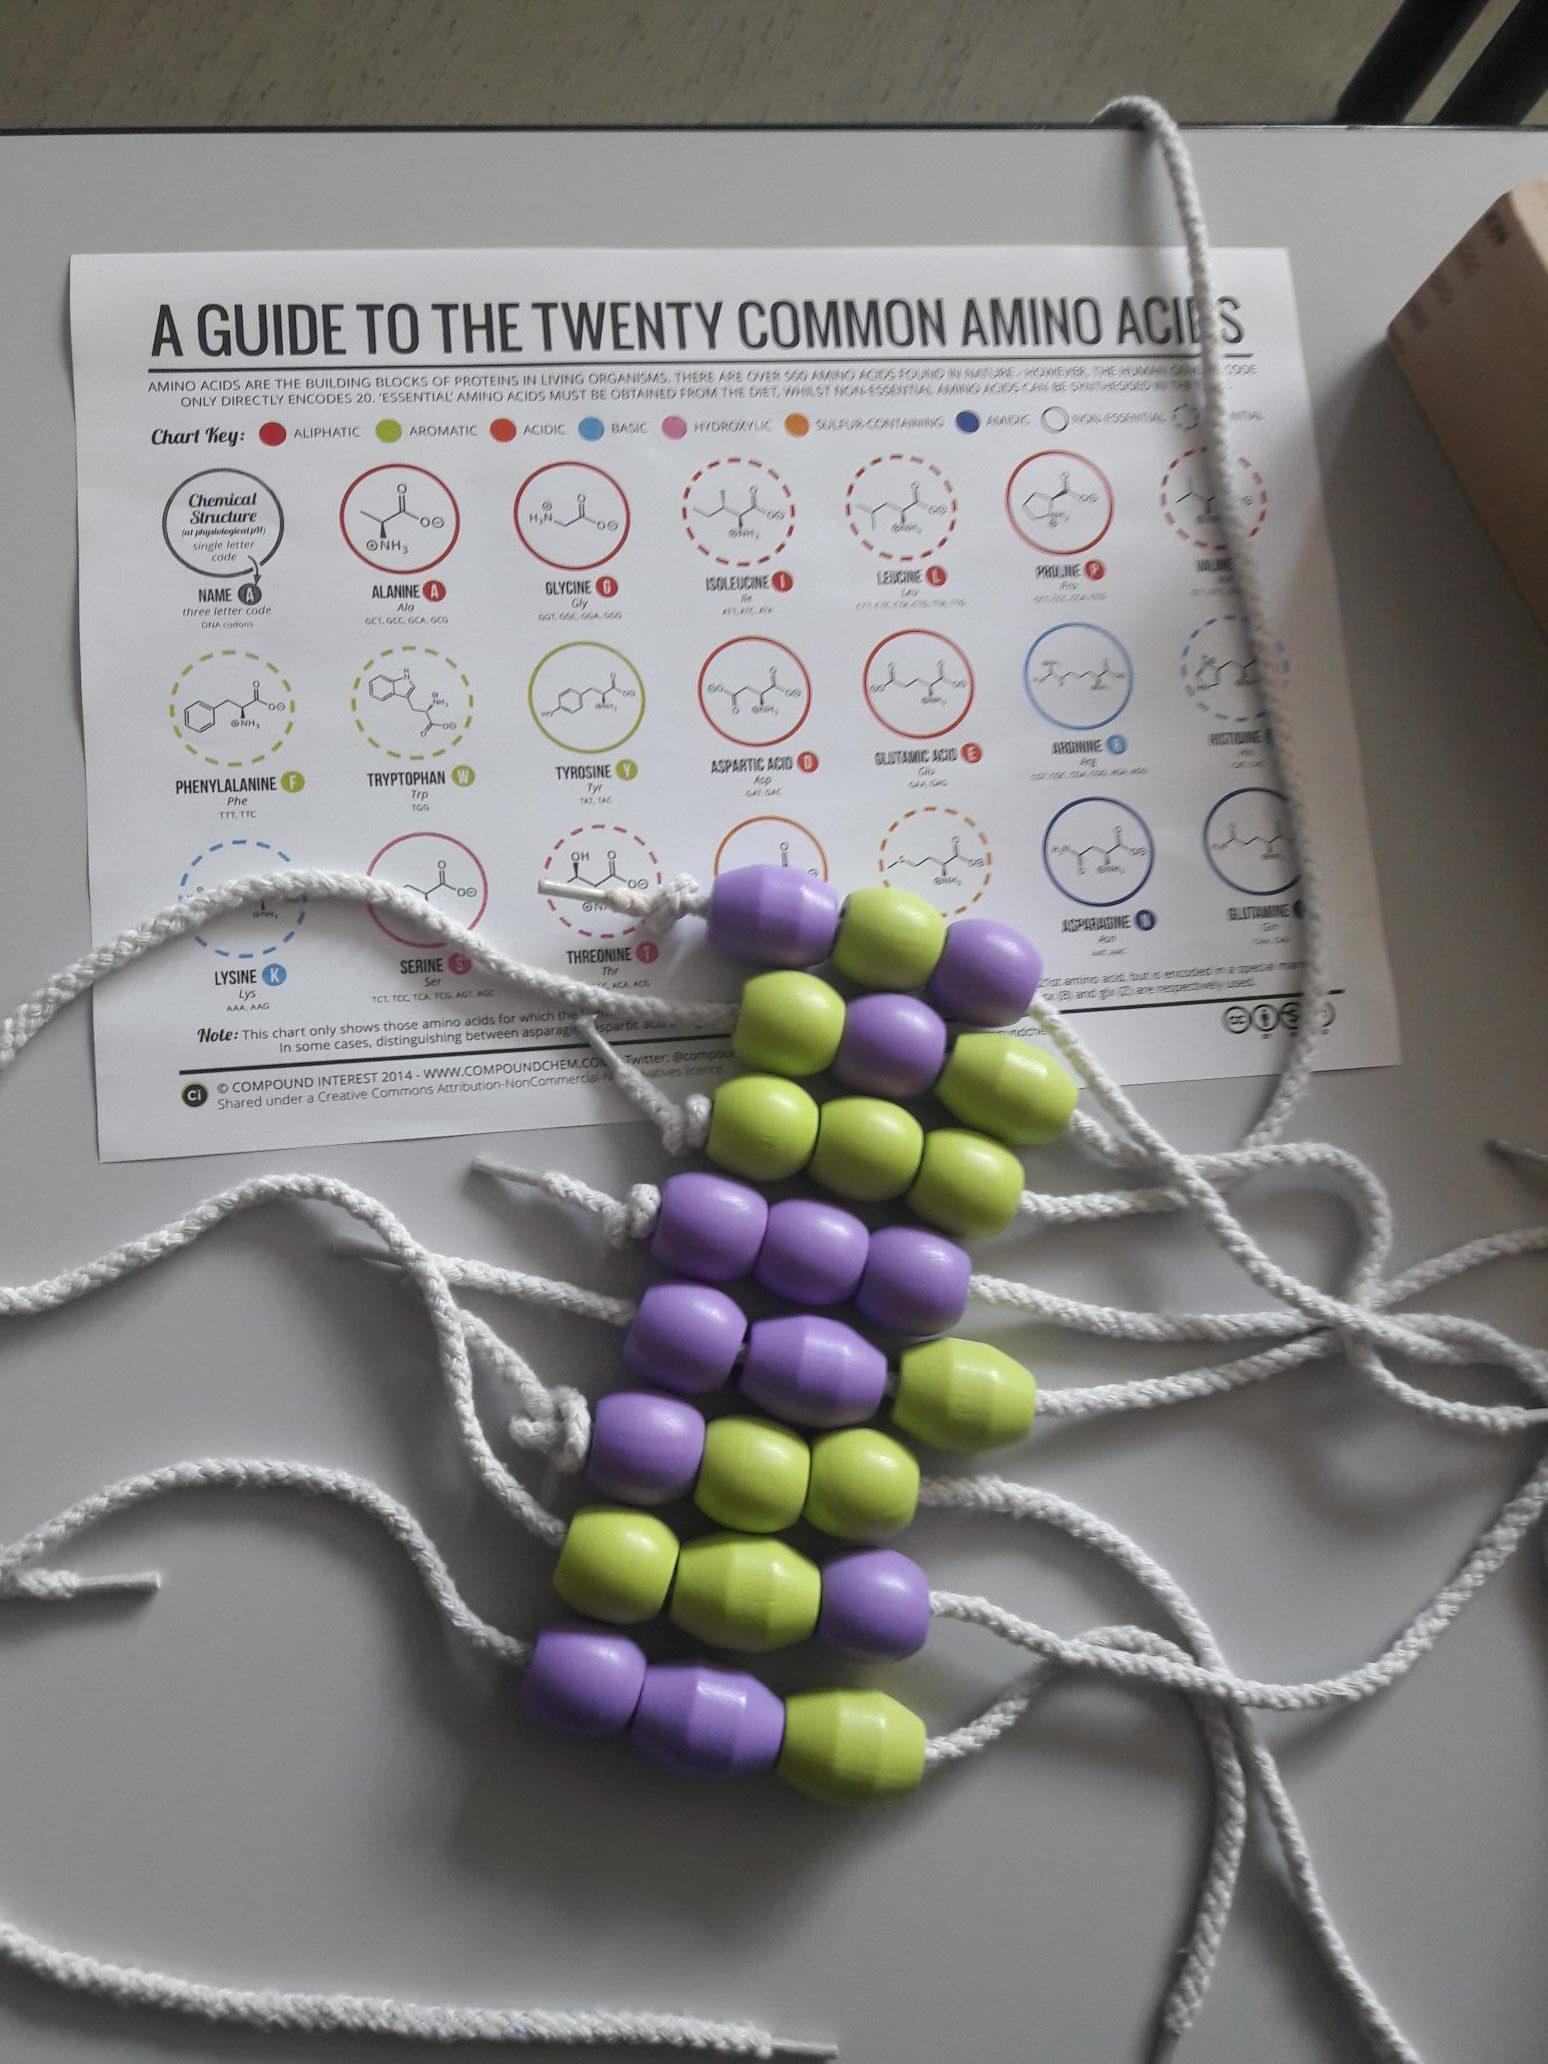 L'assemblage des acides aminés : analogie avec un collier de perles